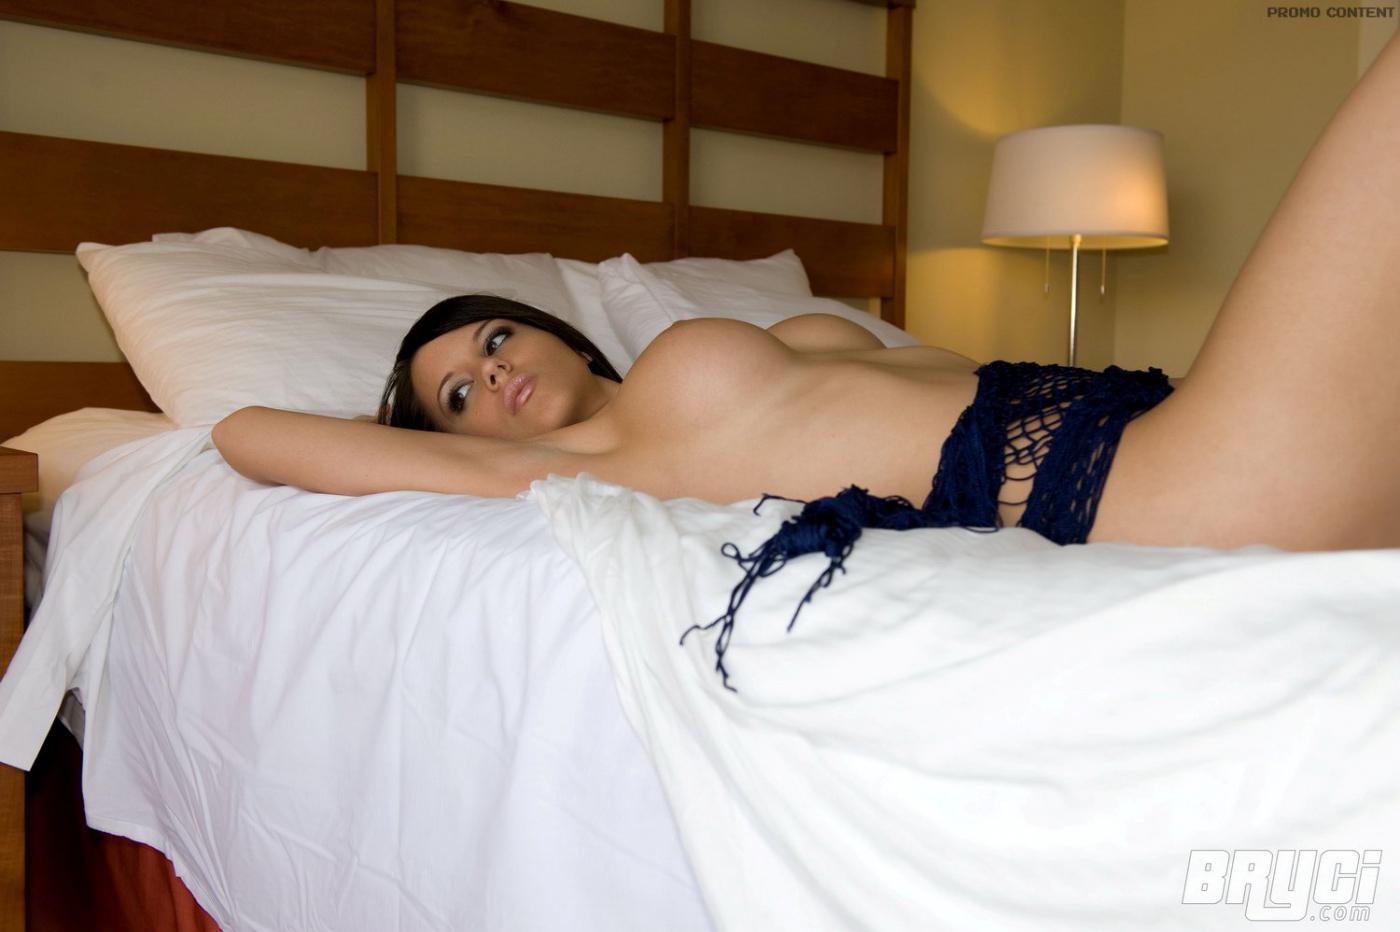 Темная красавица Bryci стягивает сетчатое платье в кровати